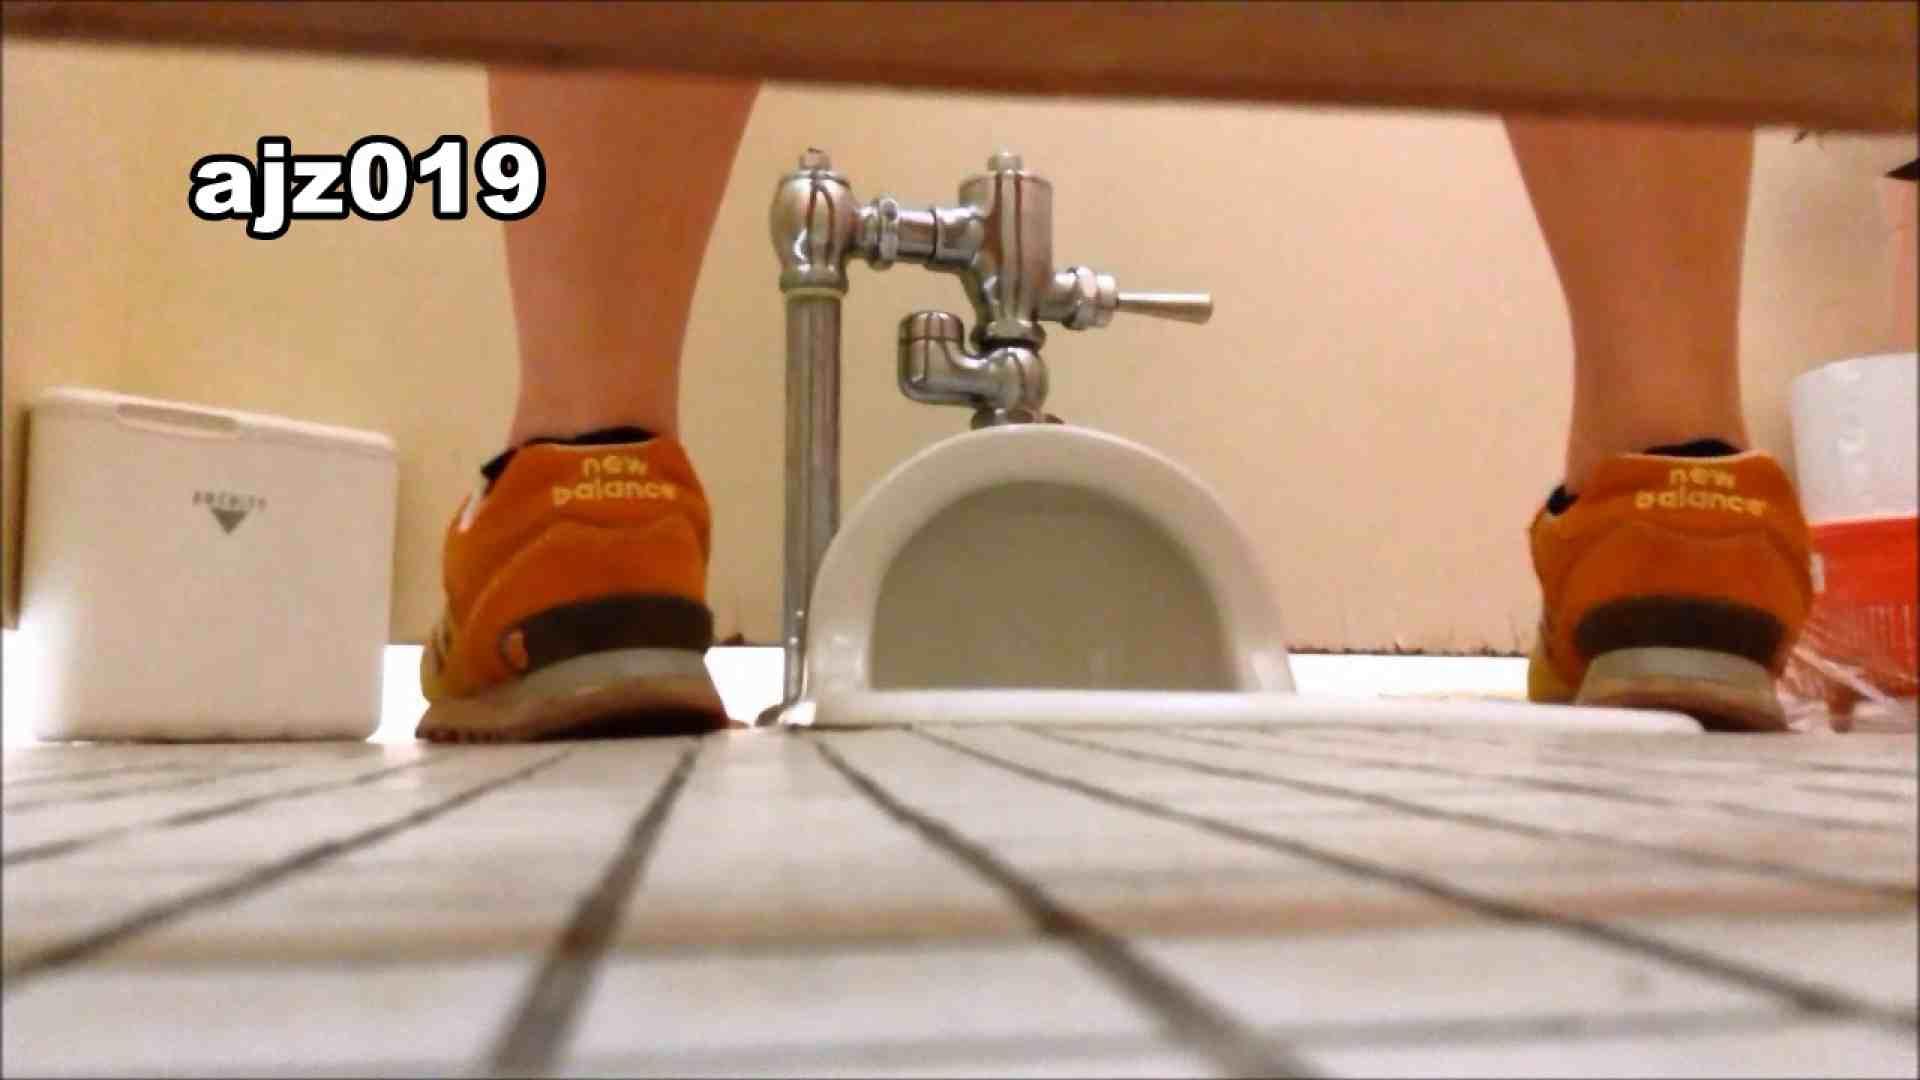 某有名大学女性洗面所 vol.19 潜入 オマンコ無修正動画無料 84pic 22